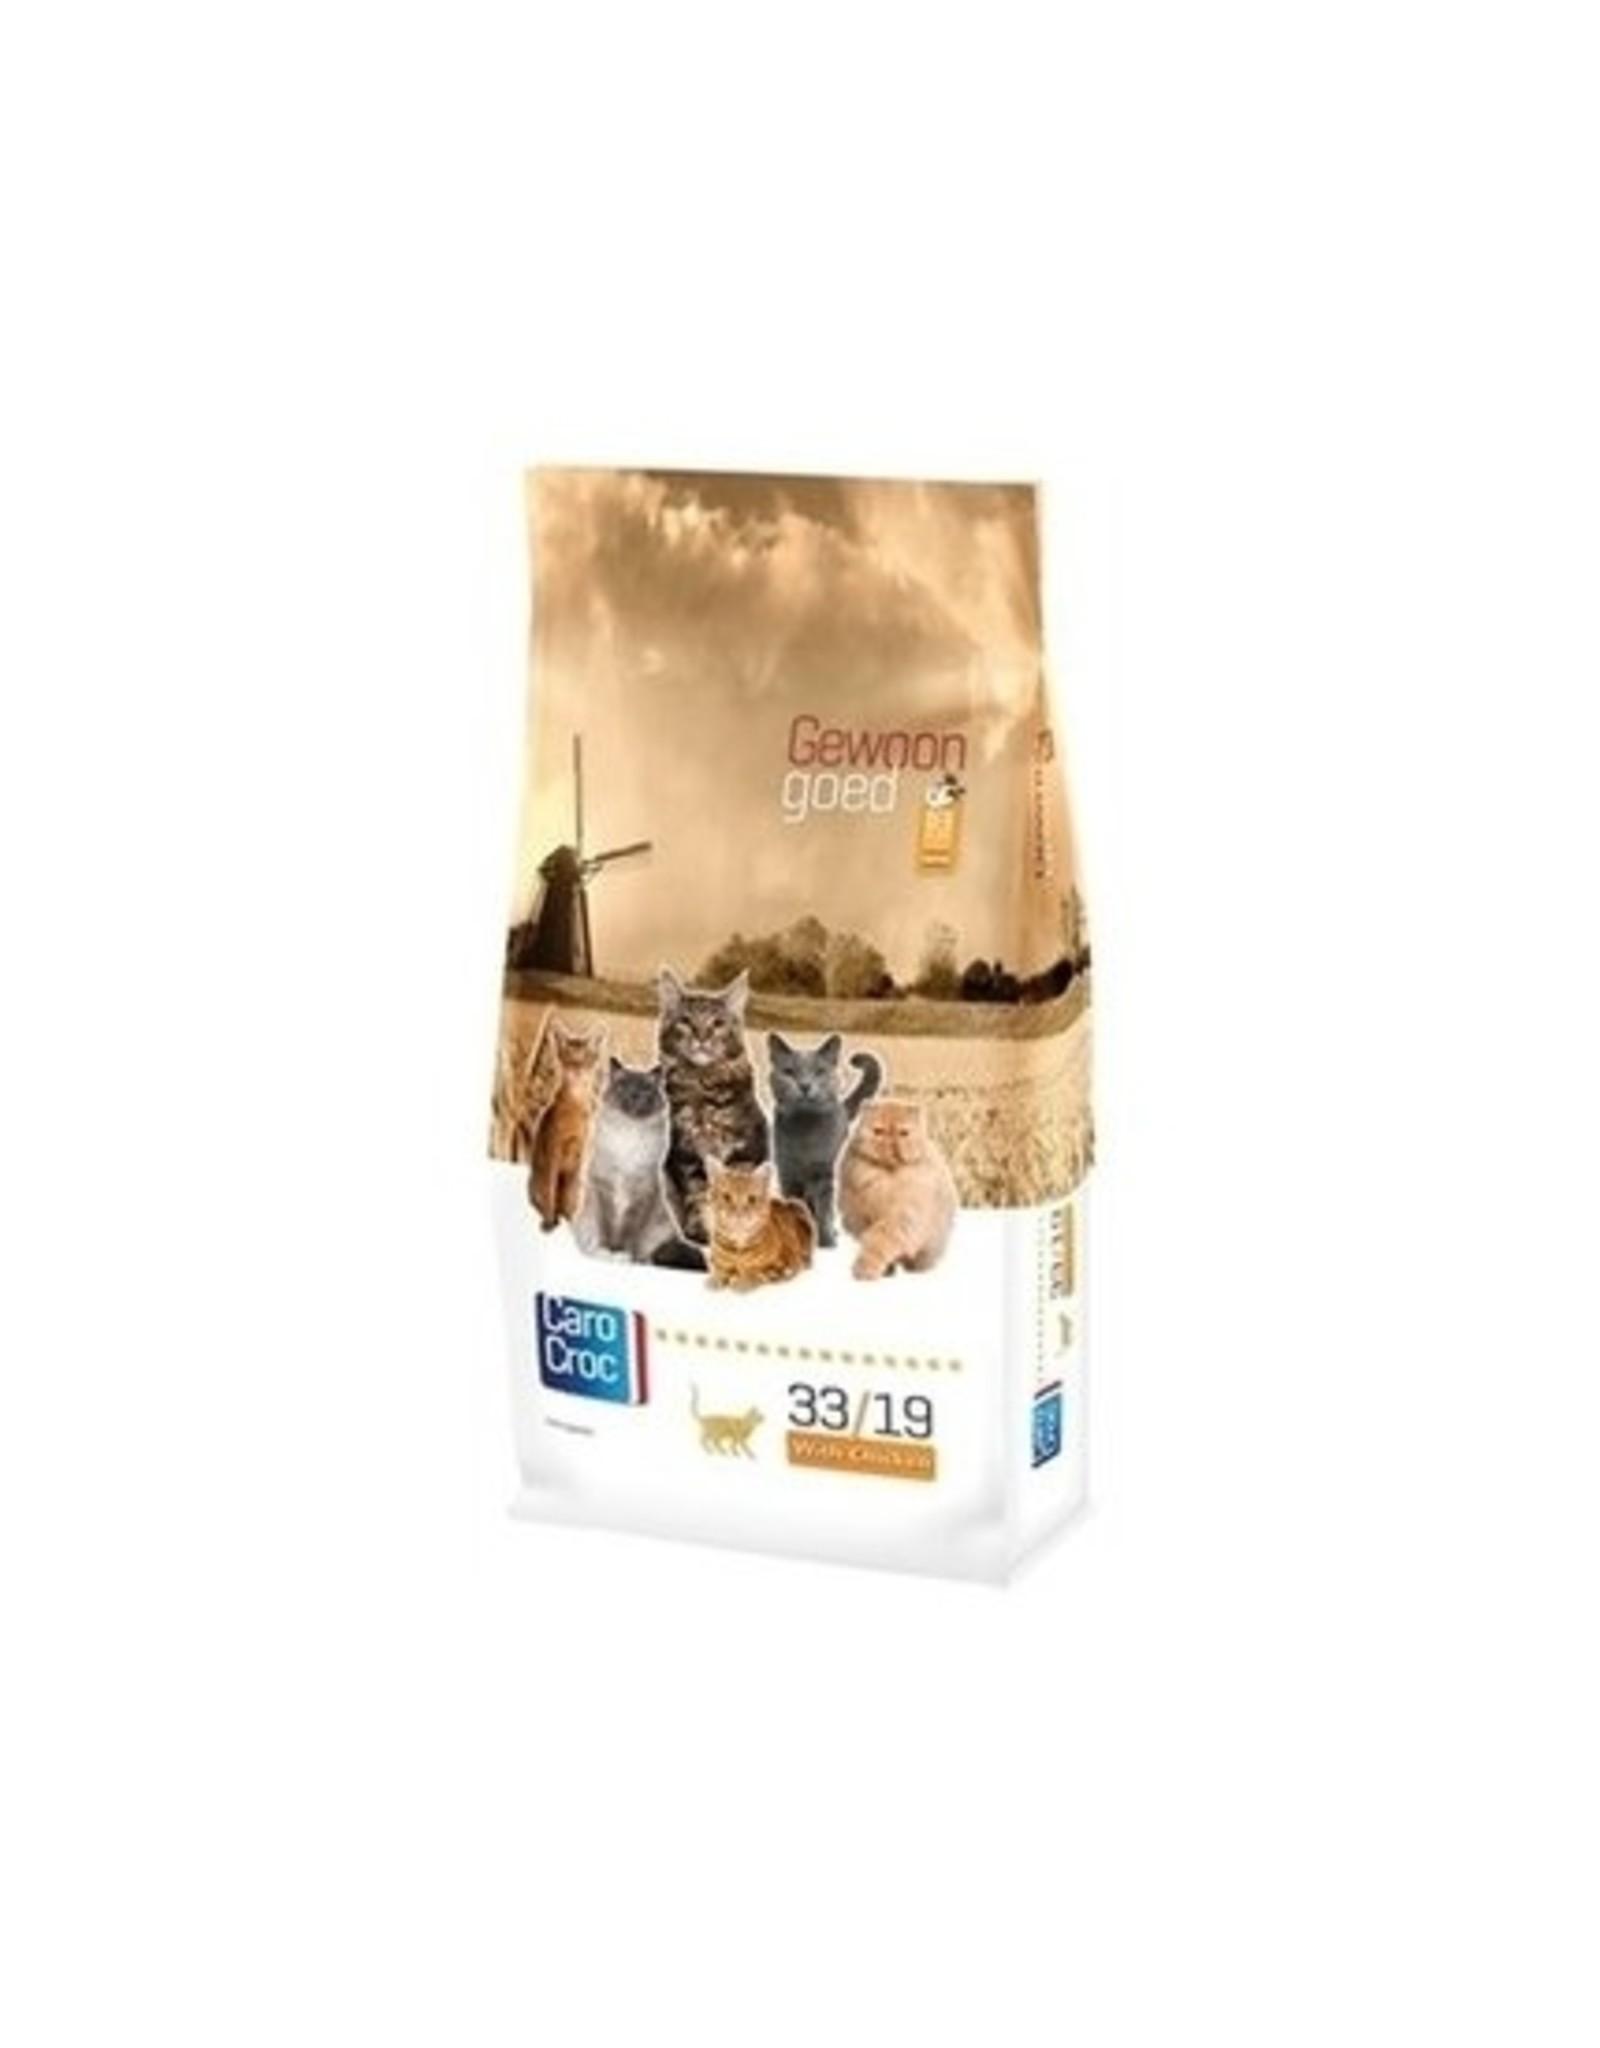 Sanimed Sanimed Carocroc Kat 33/19 Chk Rice 7kg